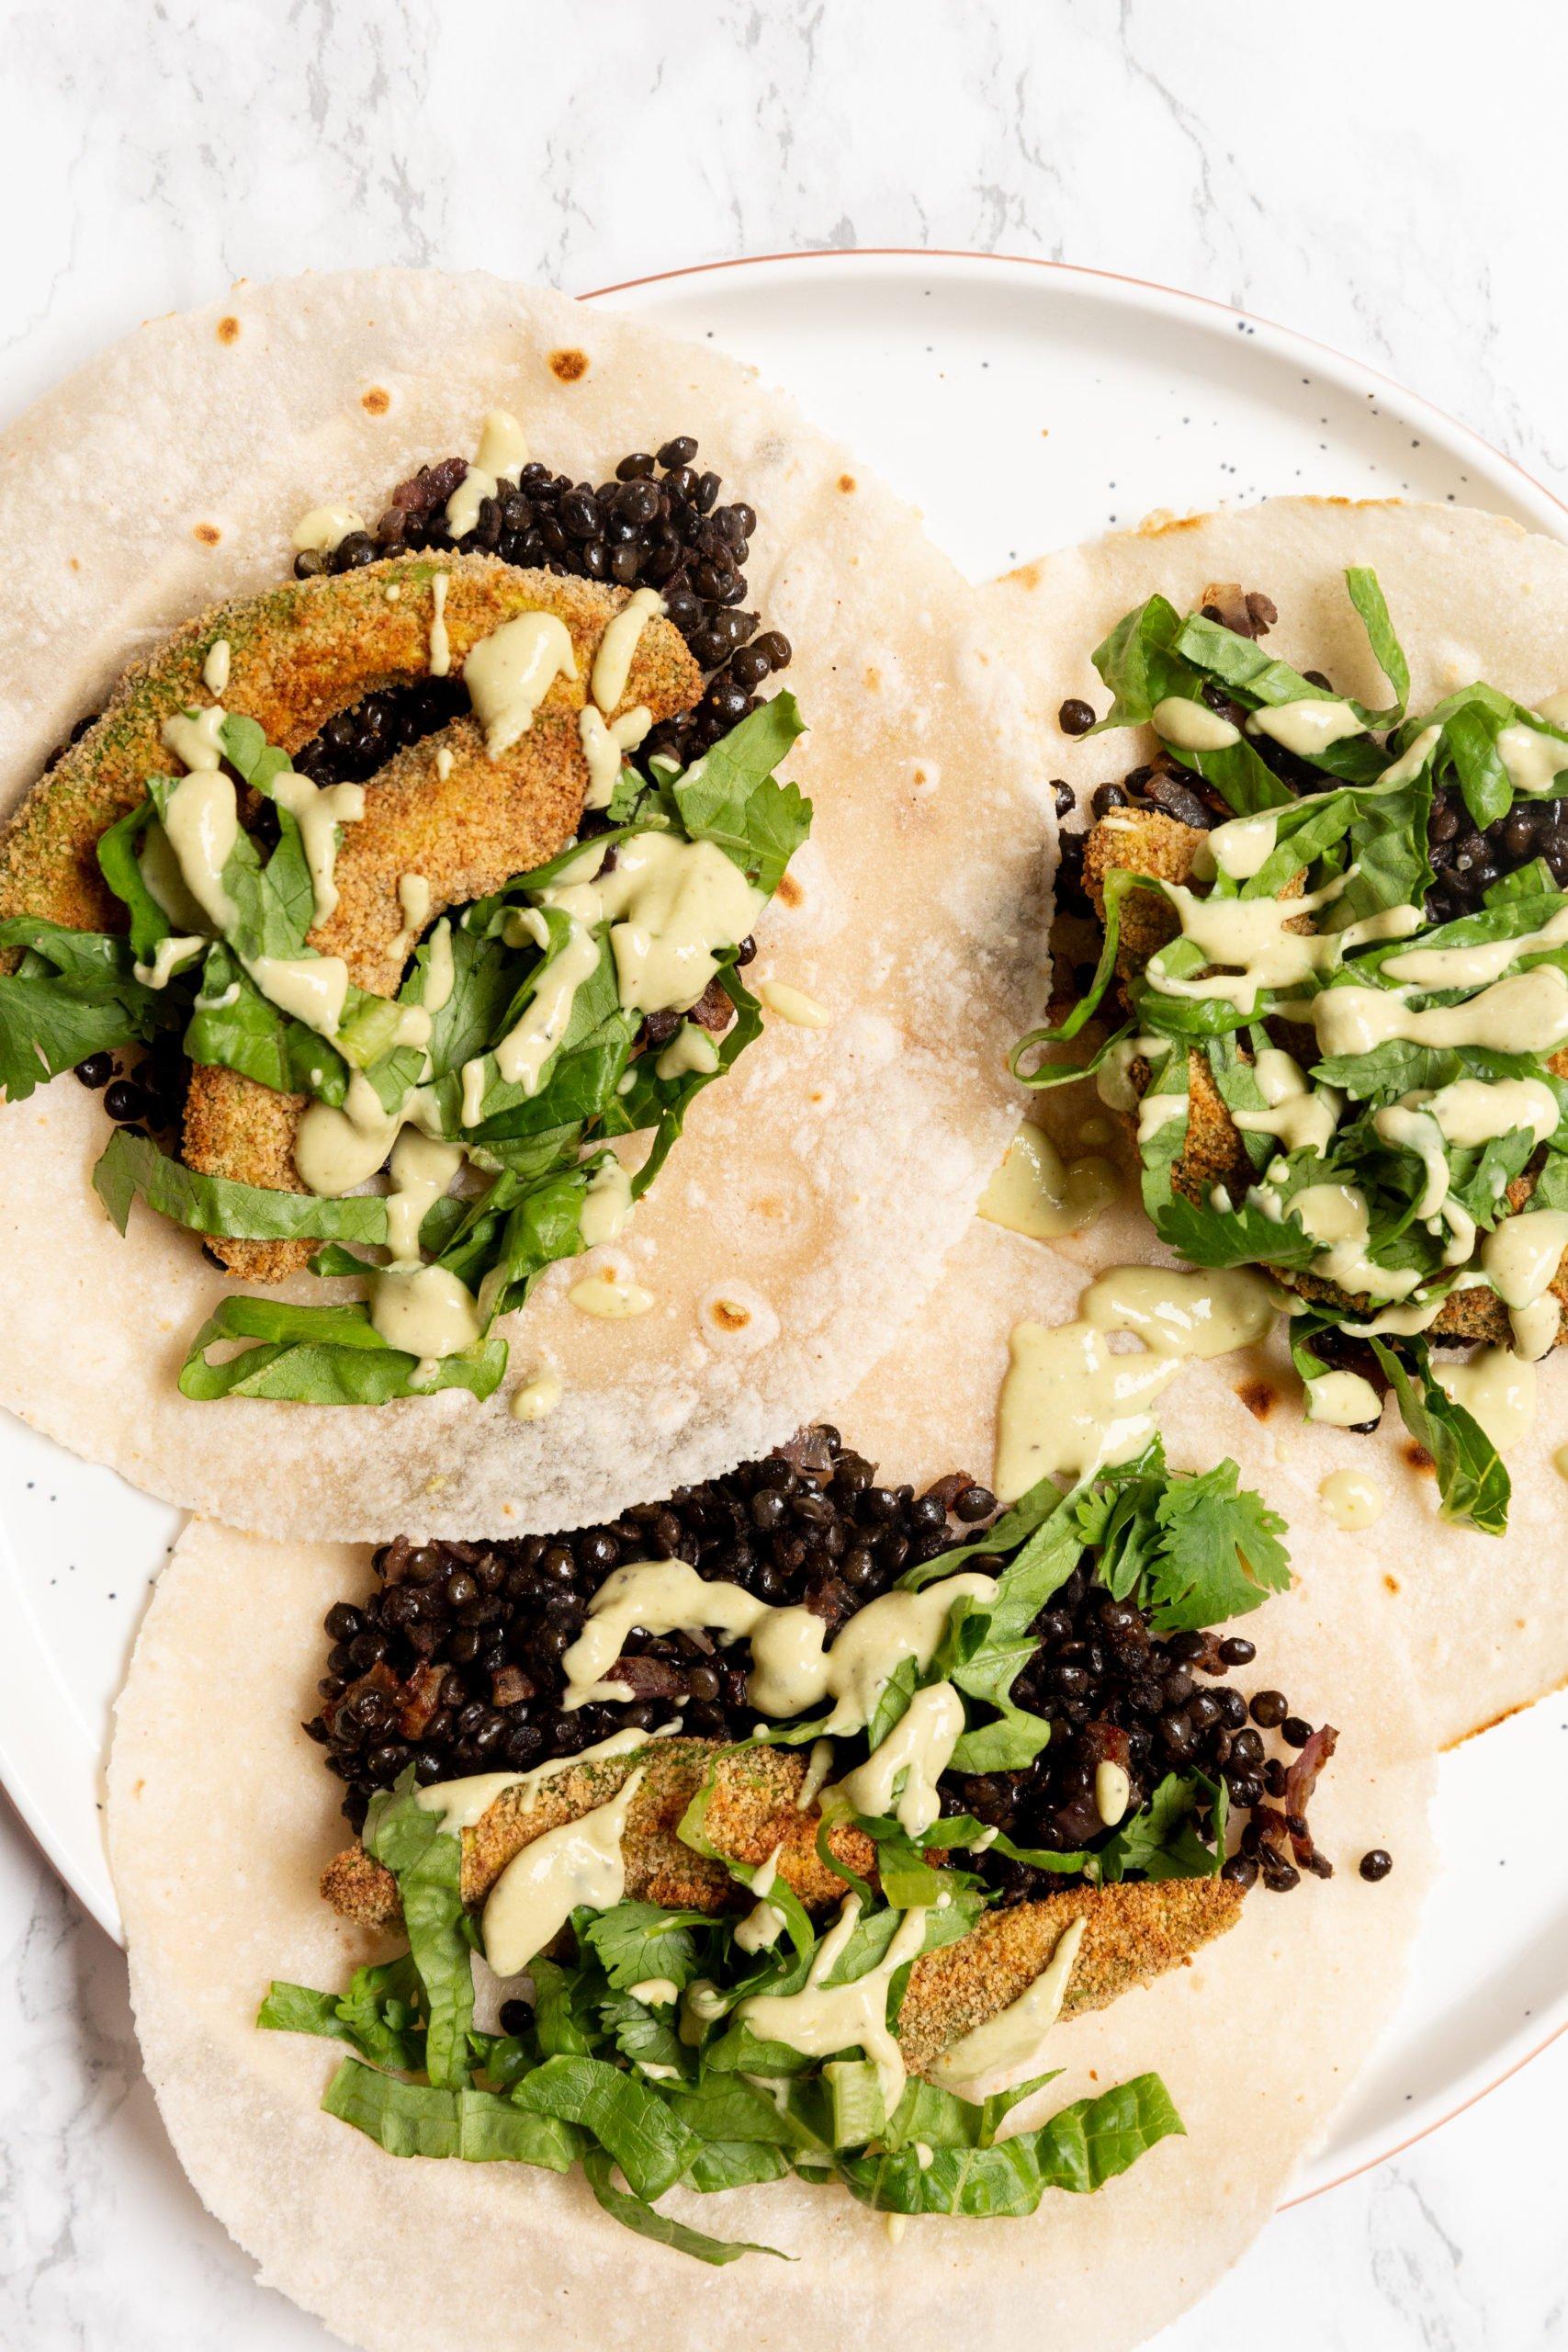 Crispy Avocado and Lentil Tacos